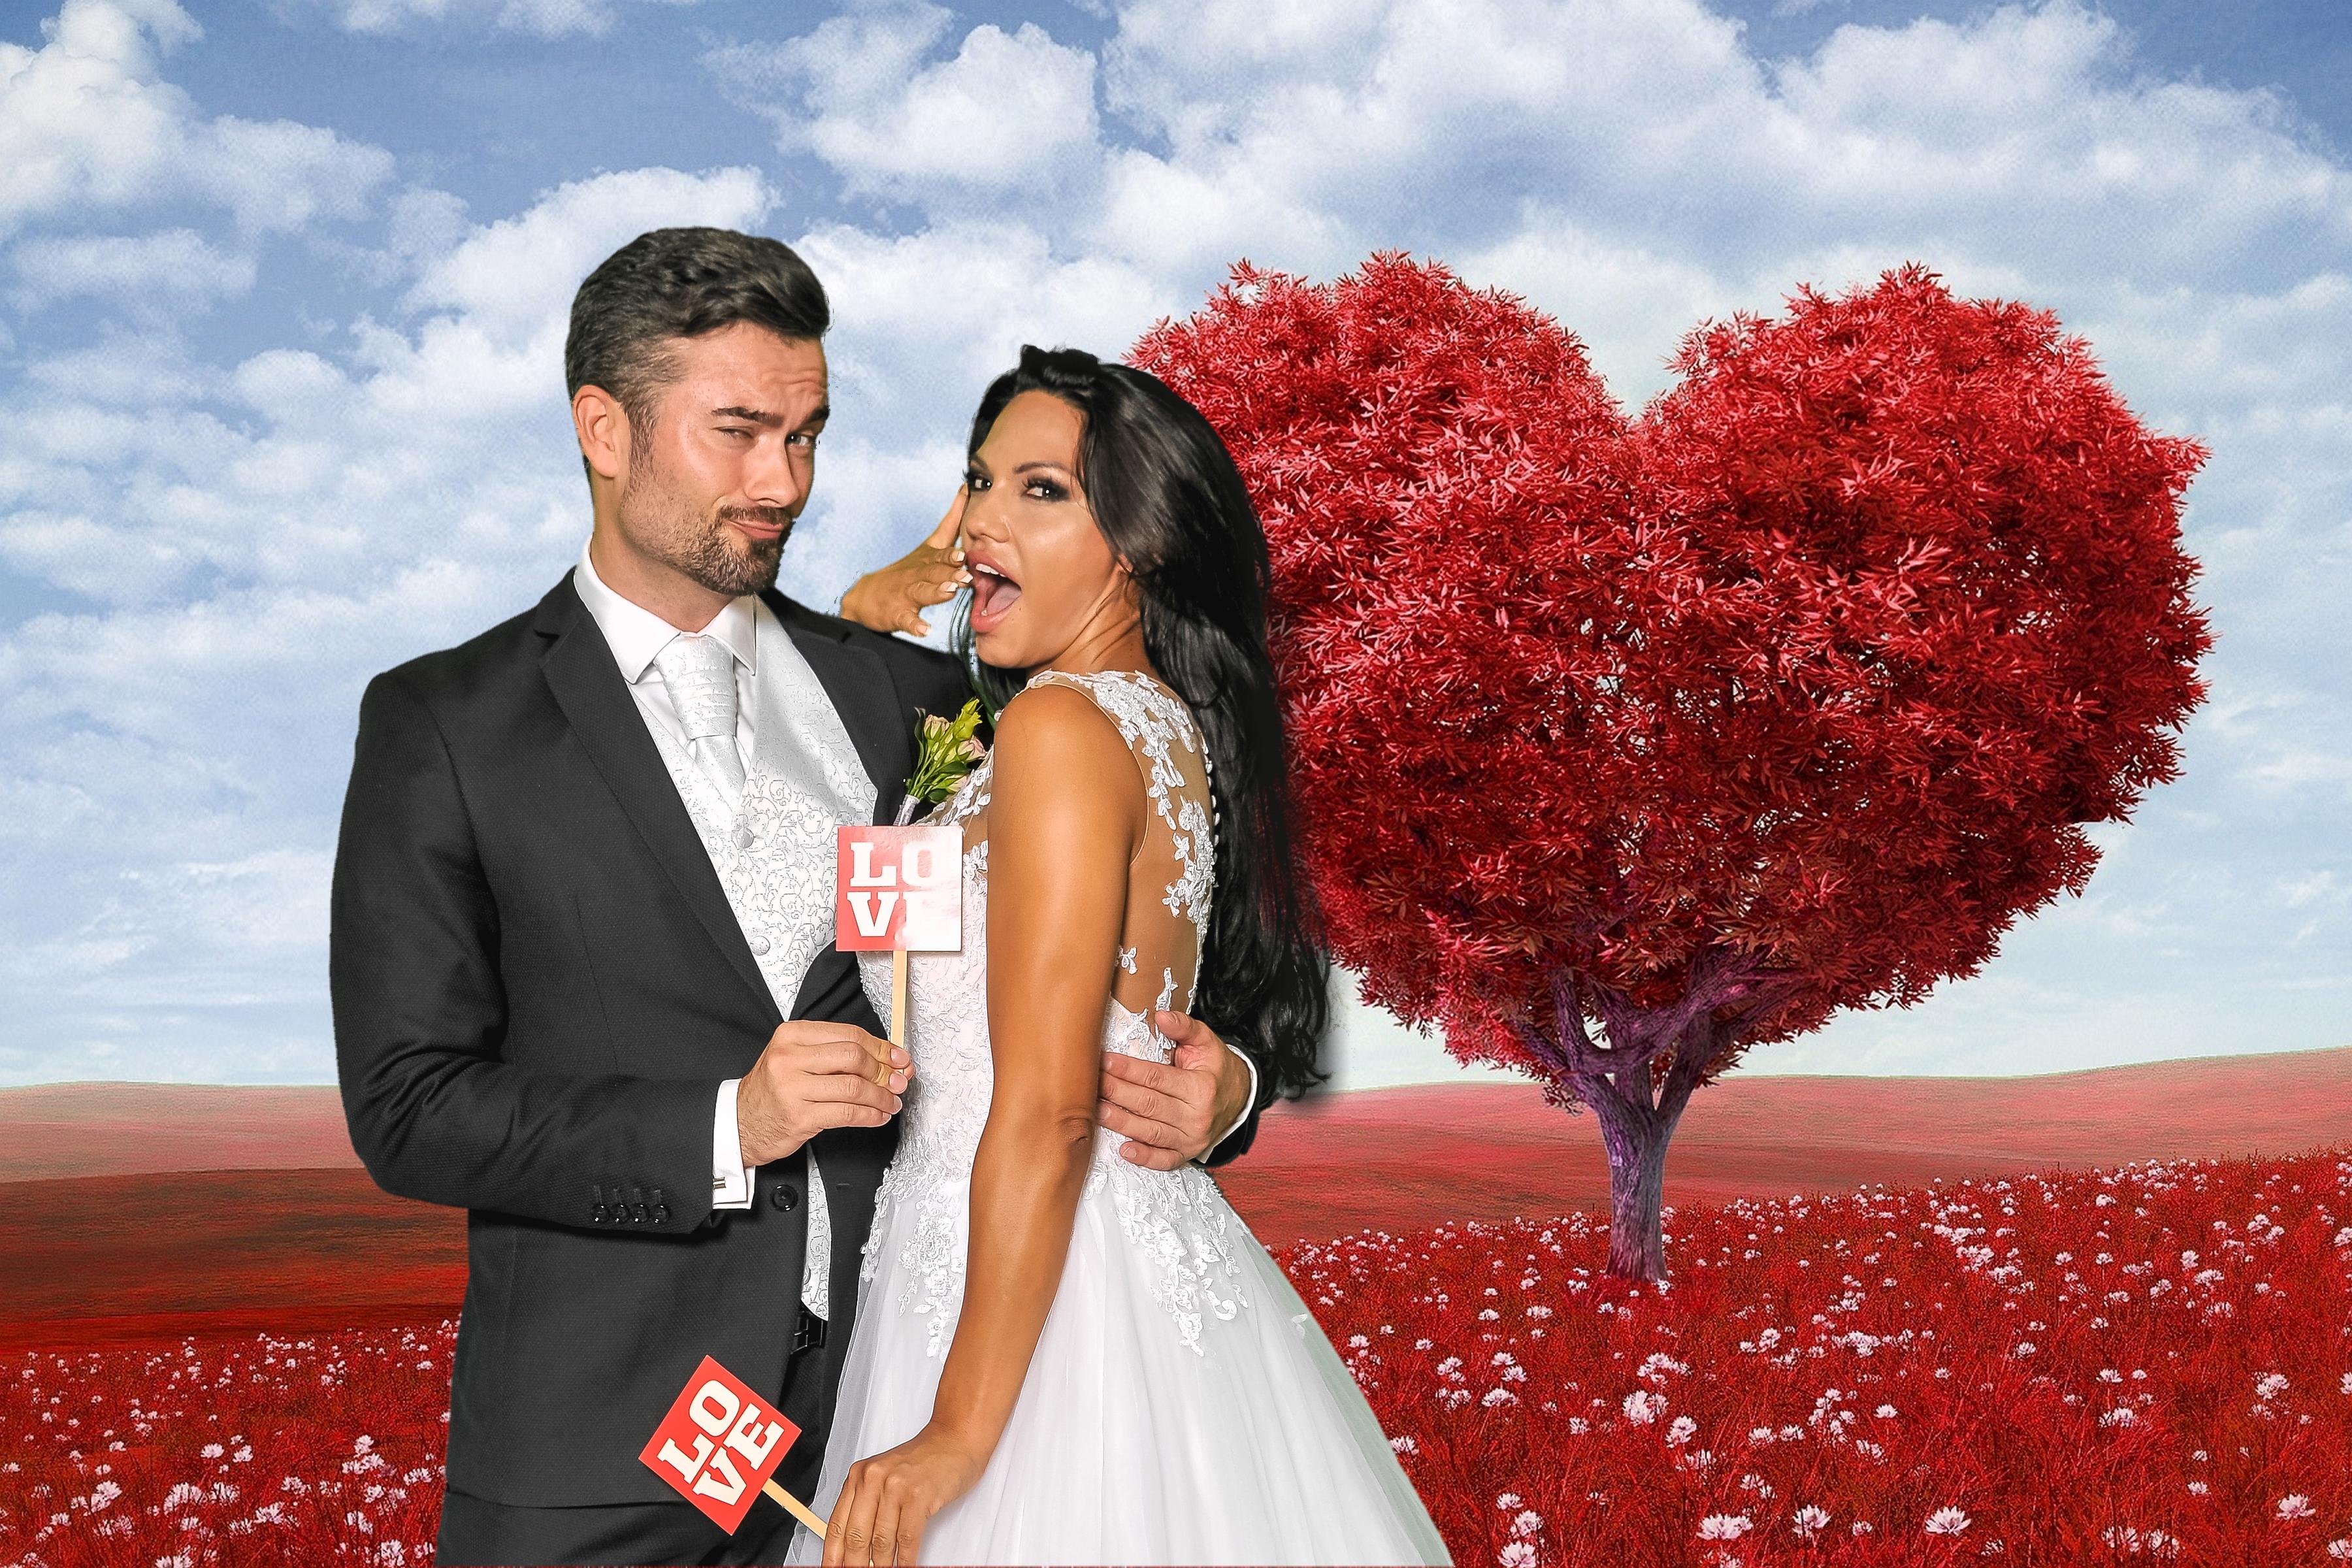 Fotokoutek na svatbu, proč právě ten náš?